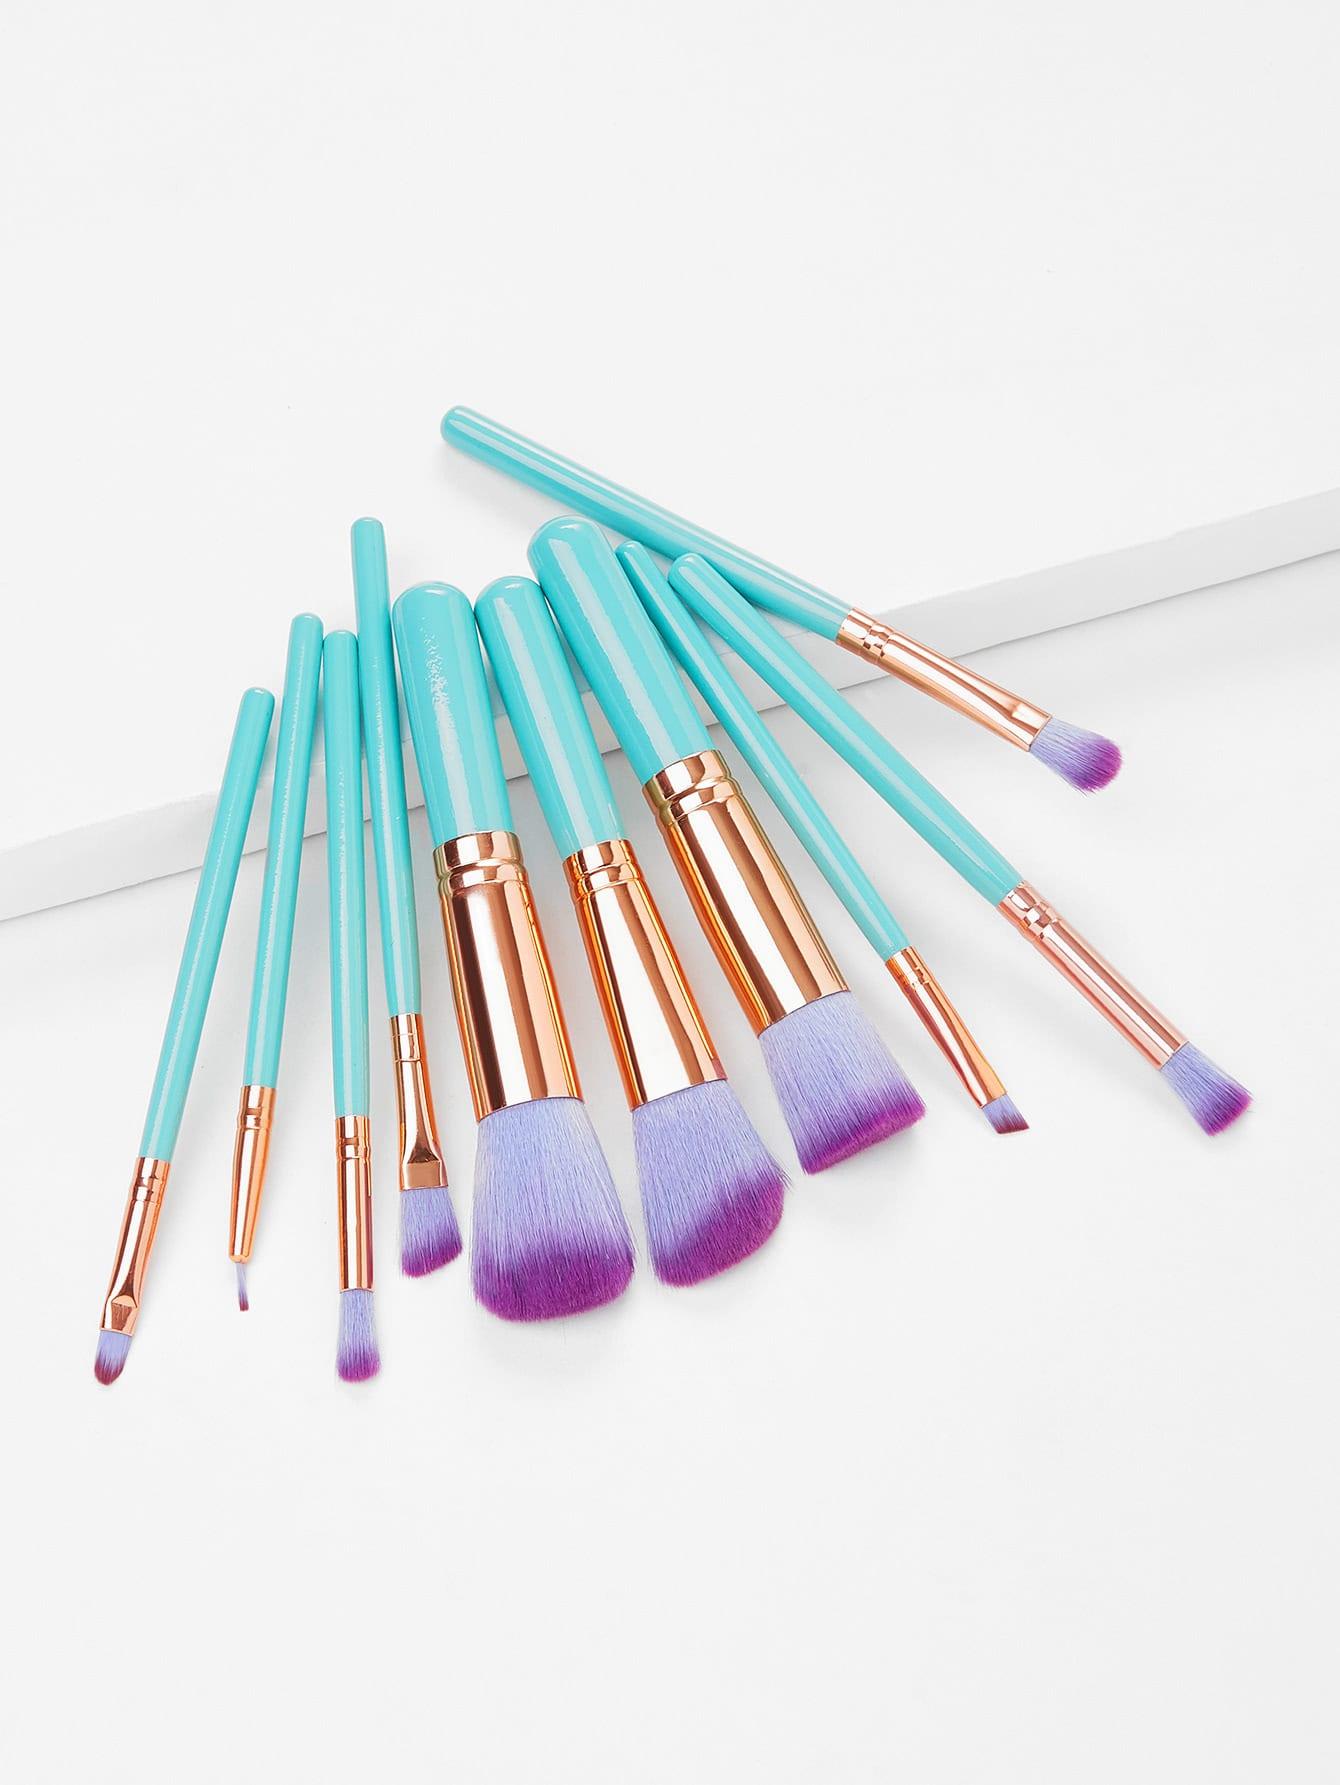 Professional Makeup Brush 10pcs